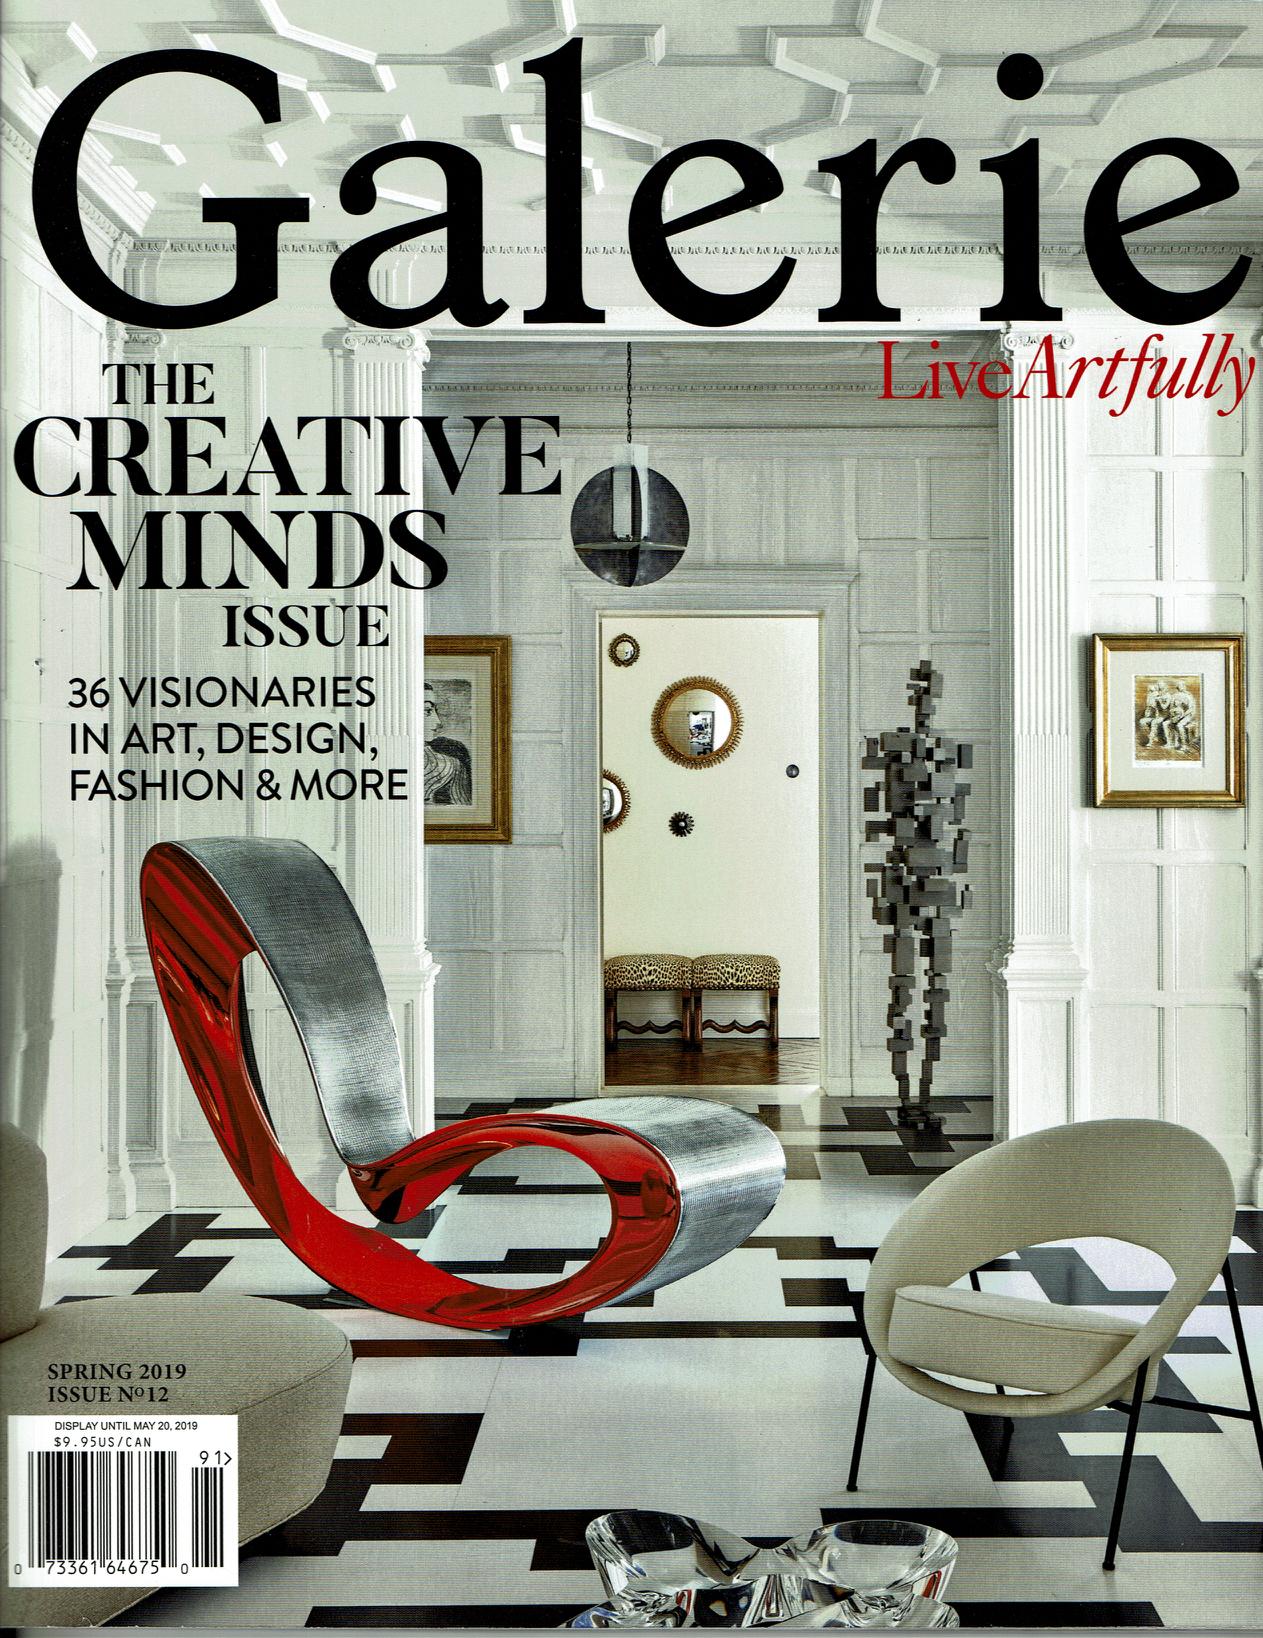 Galerie 12 cover.jpg